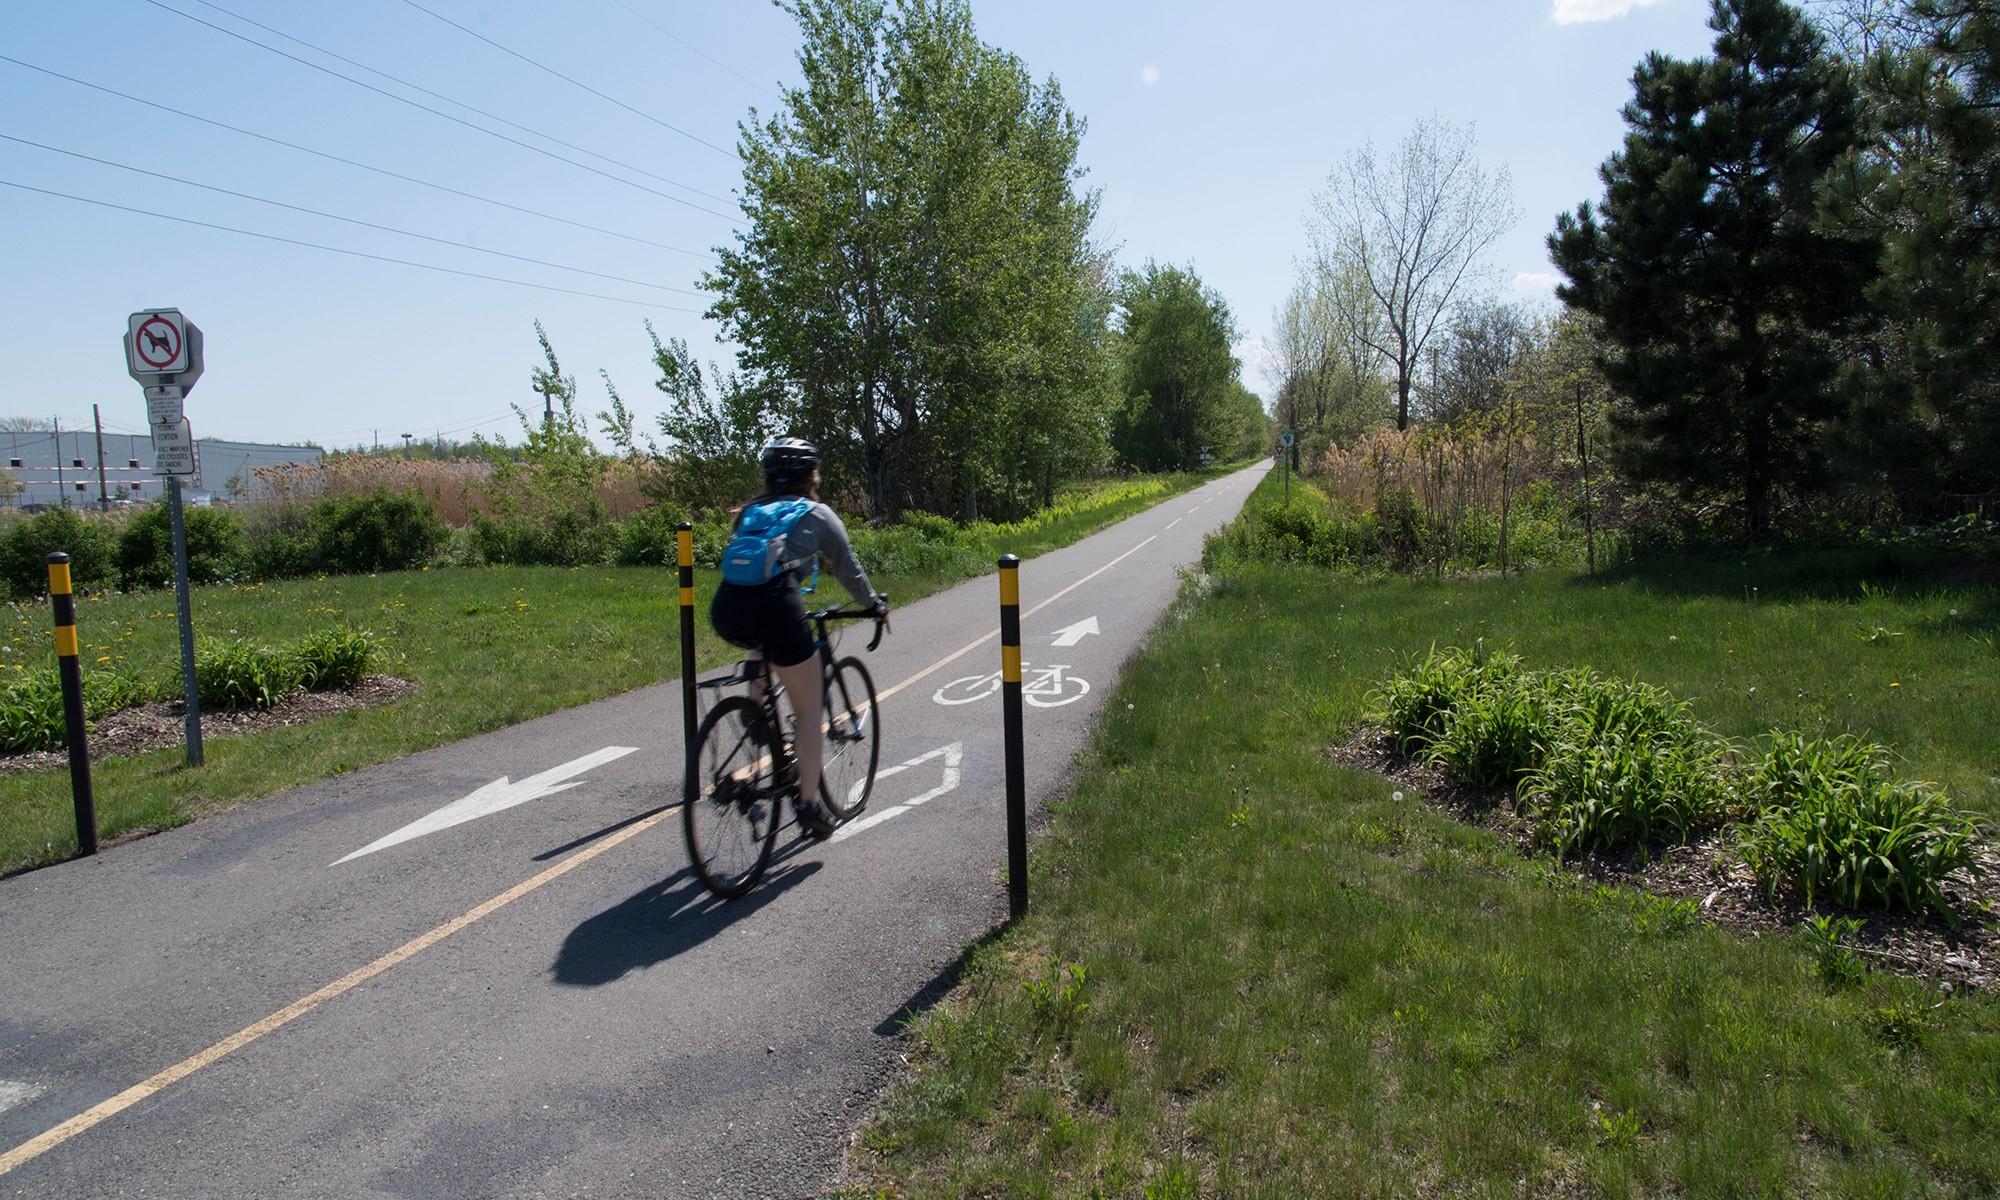 Une piste cyclable traverse le parc industriel. On peut venir y travailler à vélo!